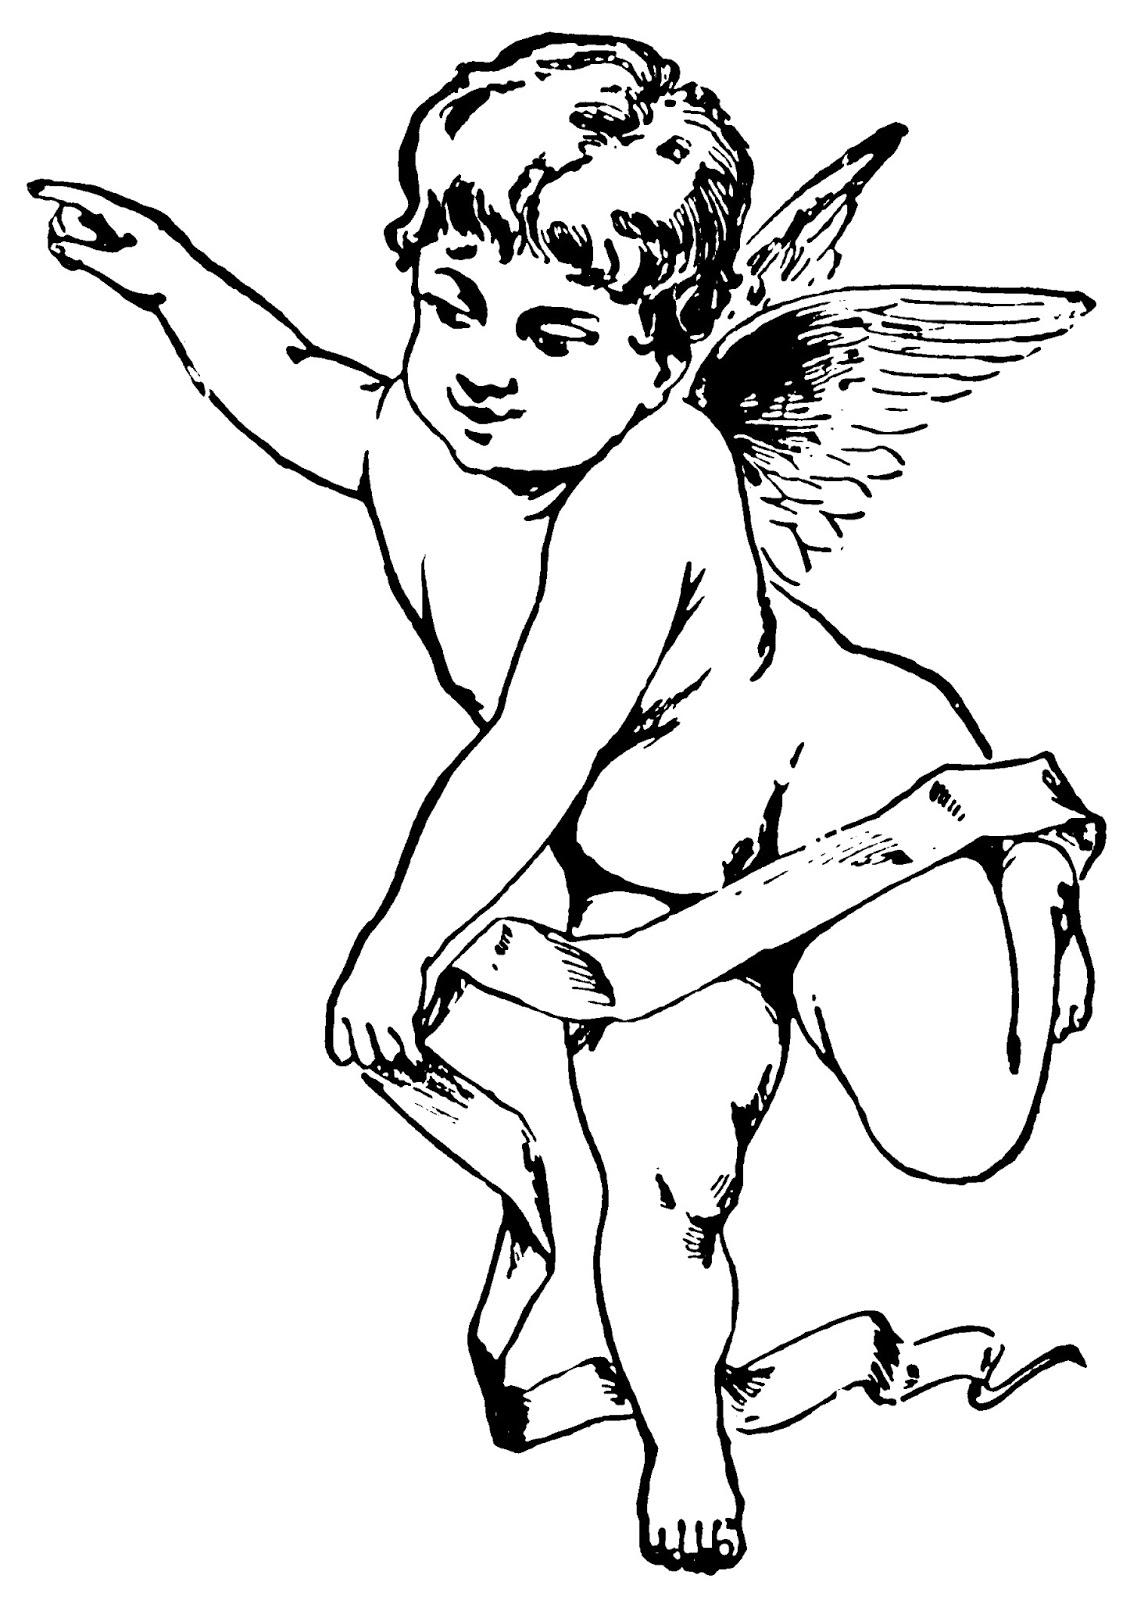 Fireflies Cherubs U0026amp; Angels .-fireflies cherubs u0026amp; angels .-10